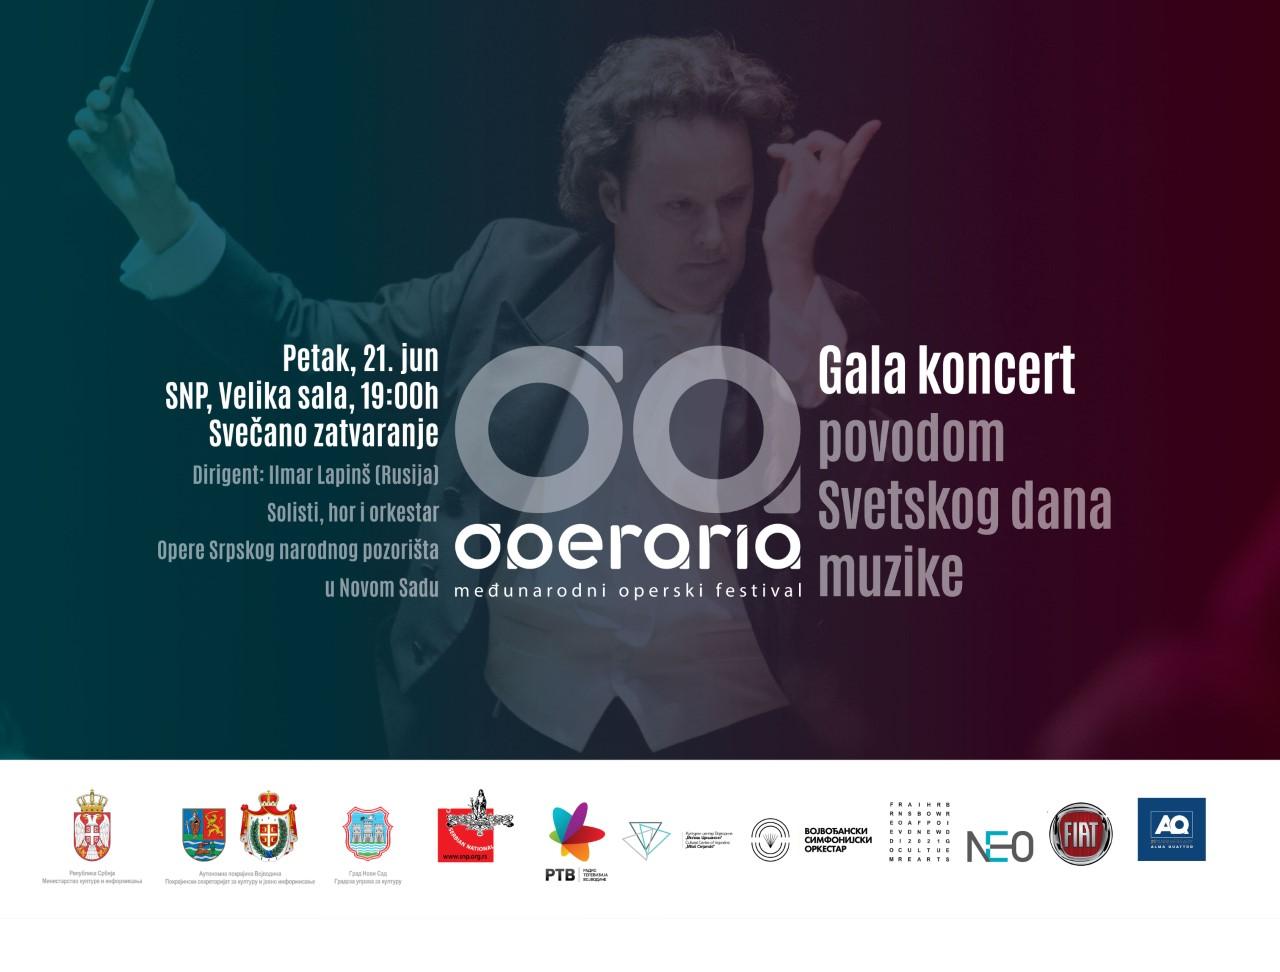 Svečano zatvaranje festivala Operaria - Gala koncert povodom Svetskog dana muzike